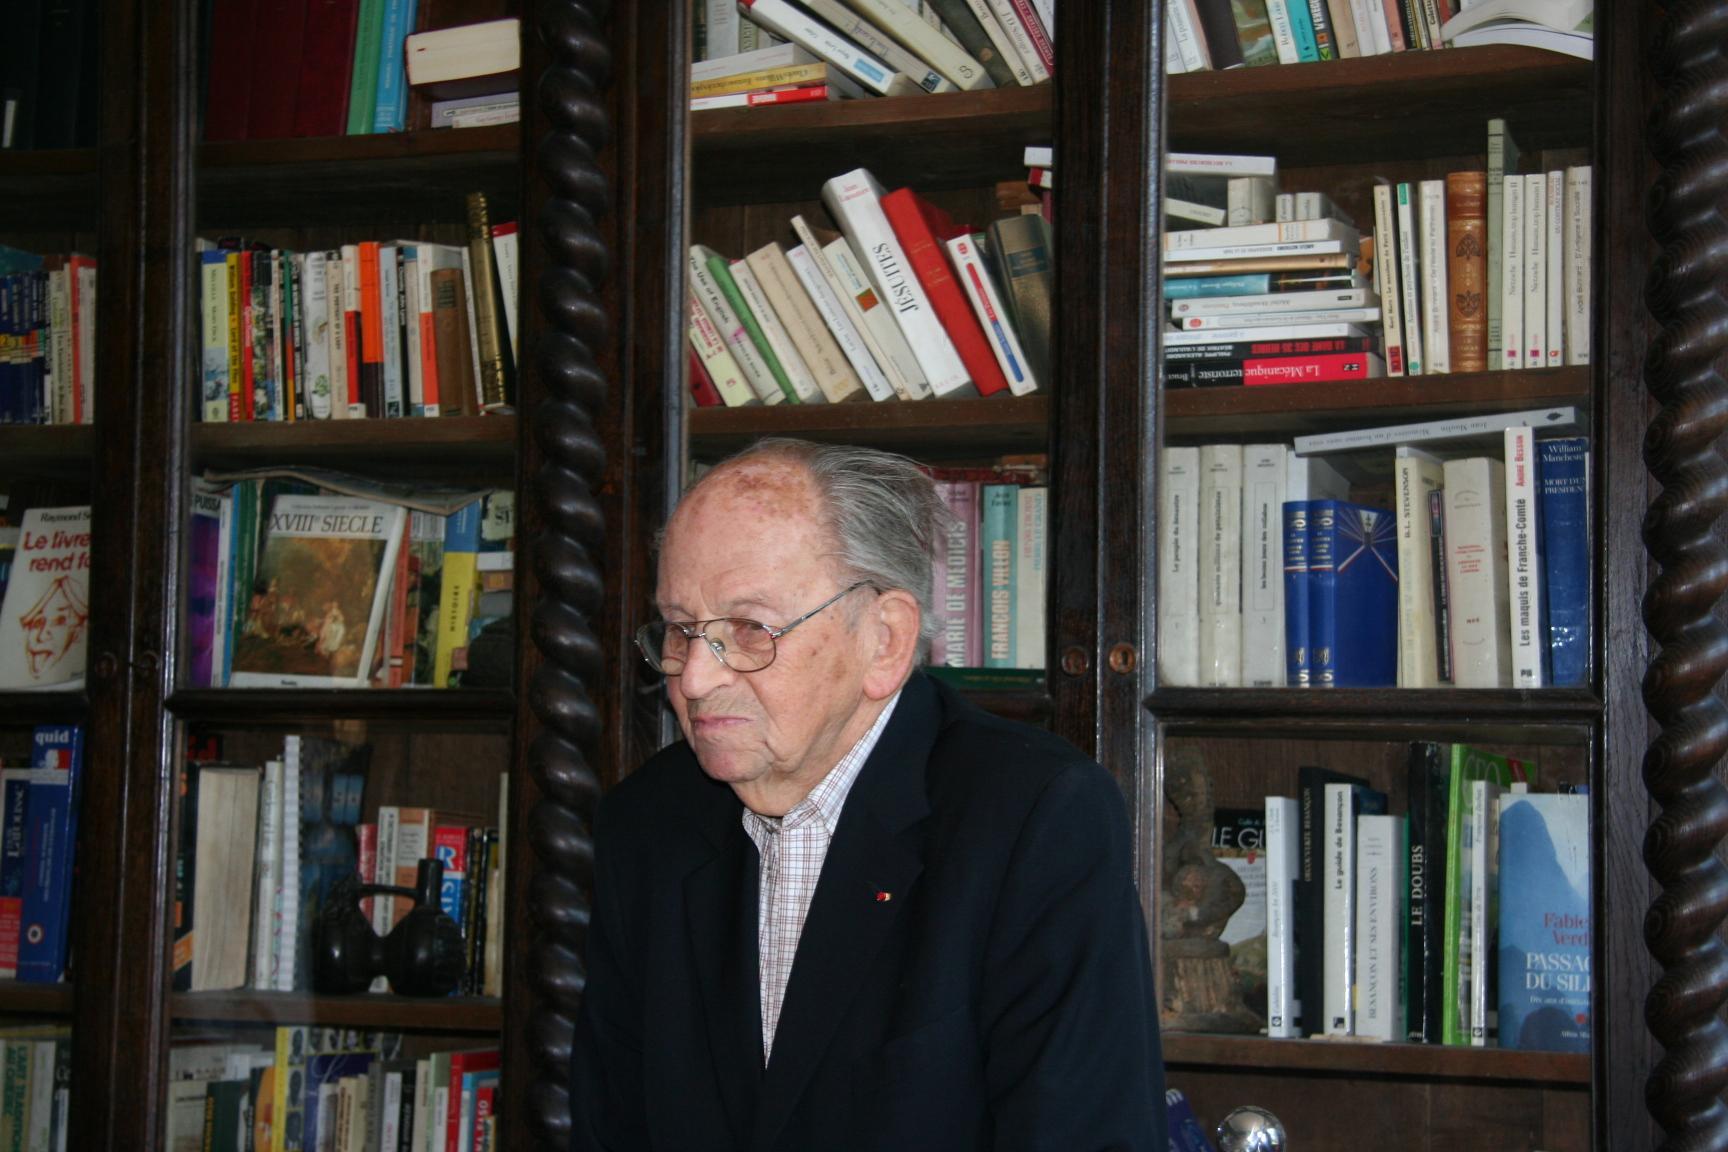 Raymond aubrac au chateau de villevieux dans la fameuse bibliotheque